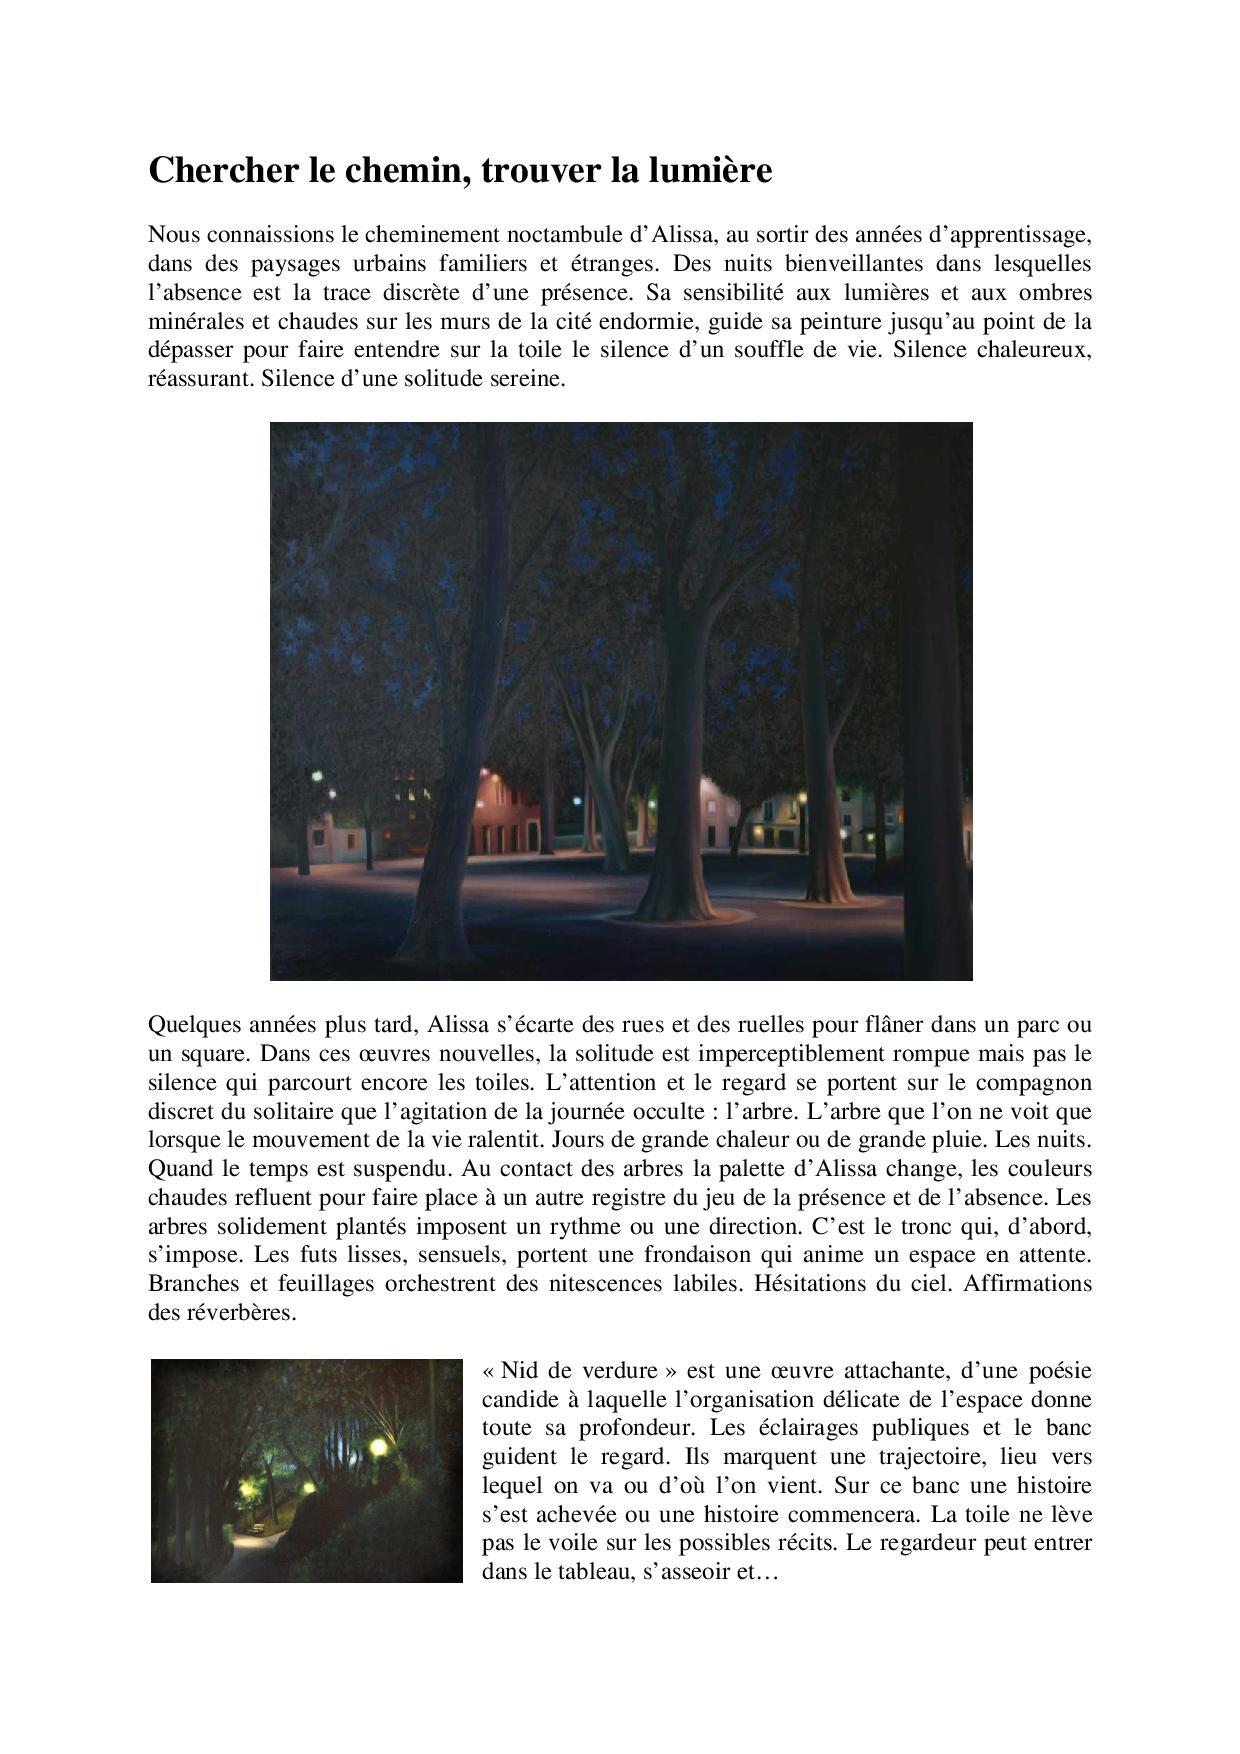 2016-09-25-chercher-le-chemin-trouver-la-lumiere-page-001